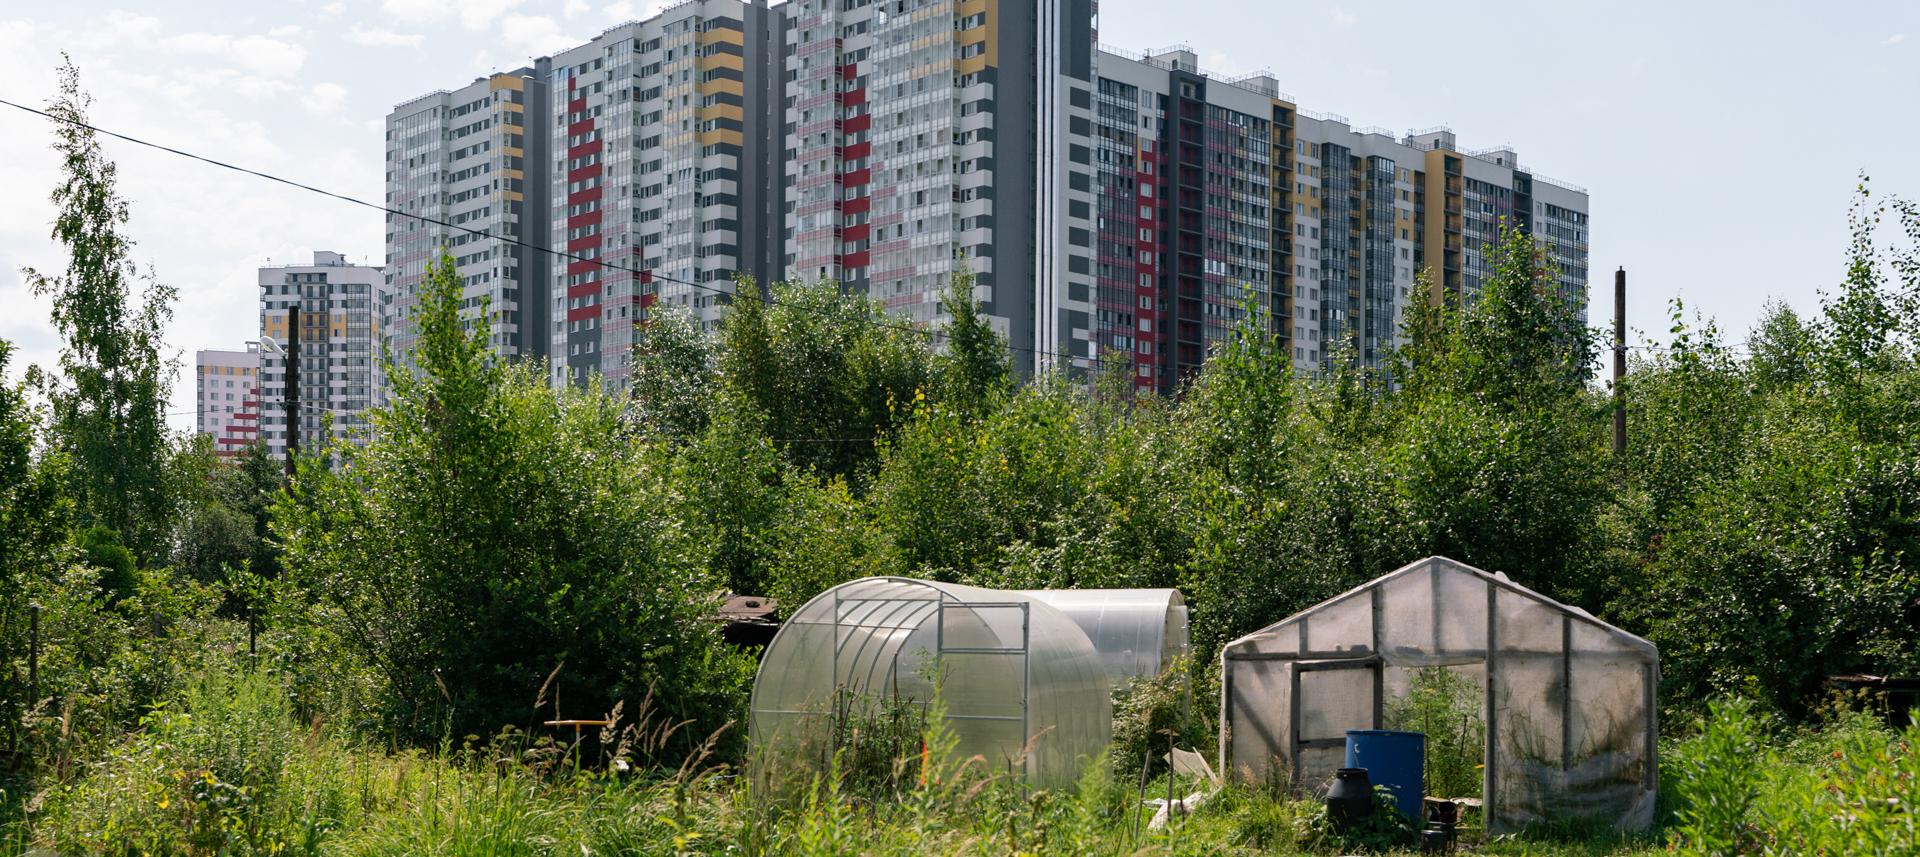 «Муравейники» и «хибары»: Как многоэтажные новостройки уживаются с деревней